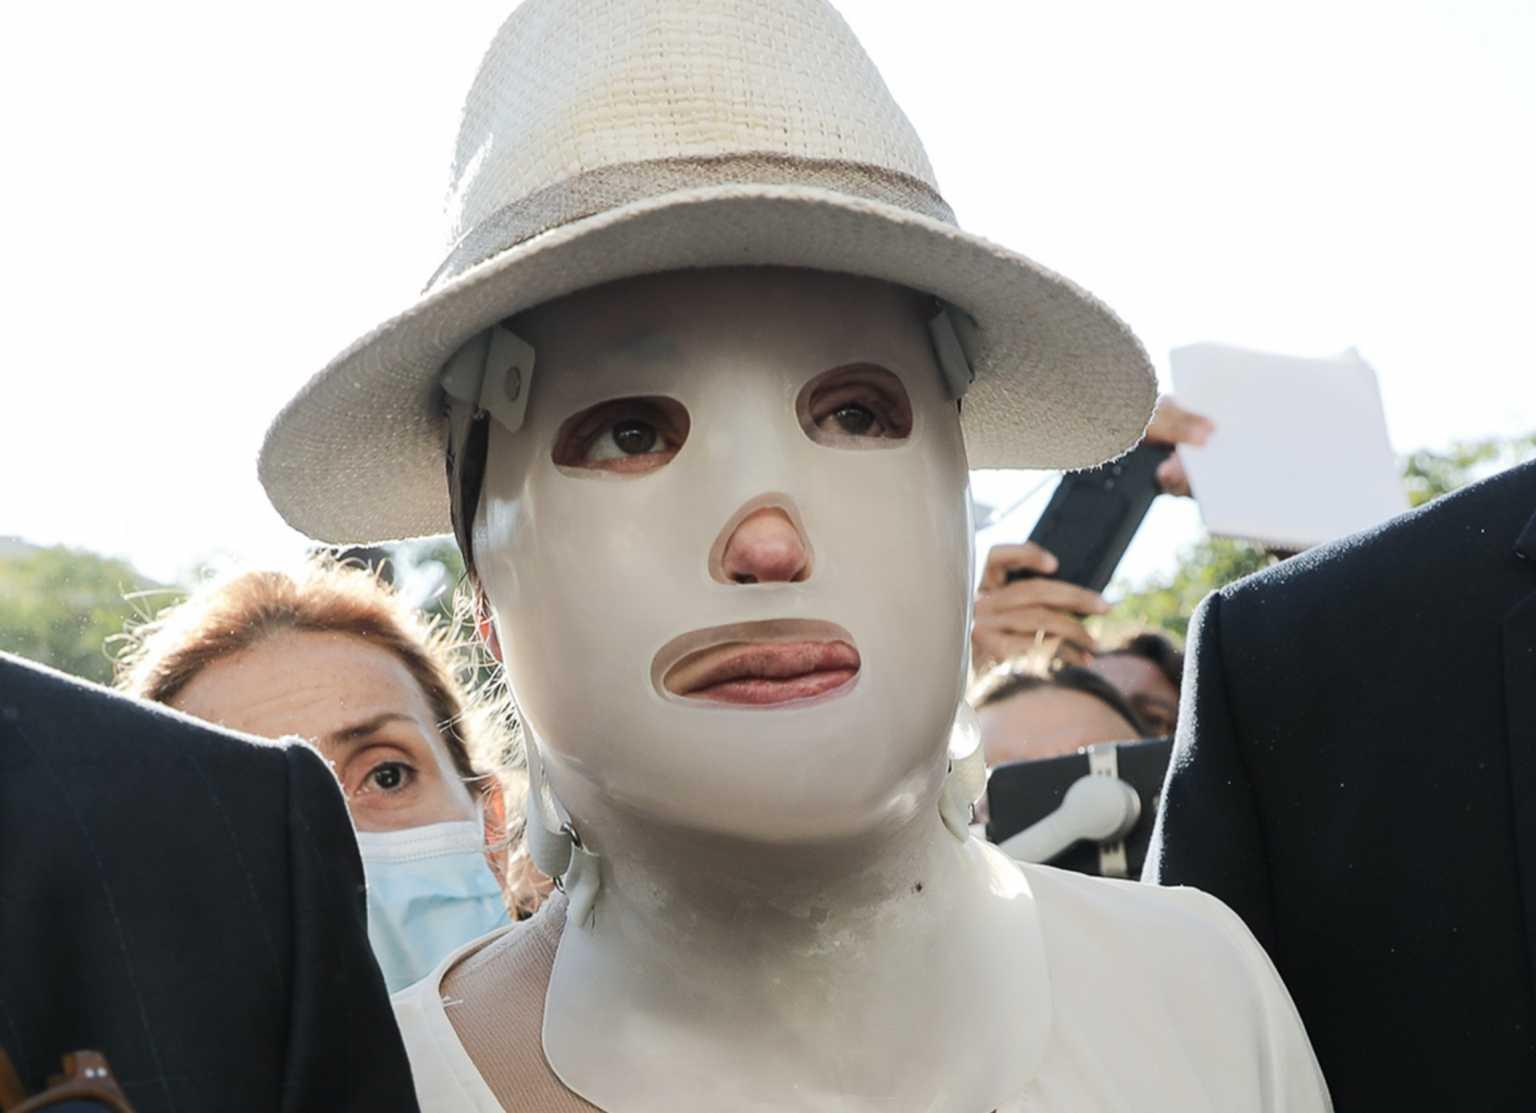 Επίθεση με βιτριόλι: «Η Ιωάννα Παλιοσπύρου θα βγάλει τη μάσκα όταν αφεθεί ελεύθερη η κατηγορούμενη»